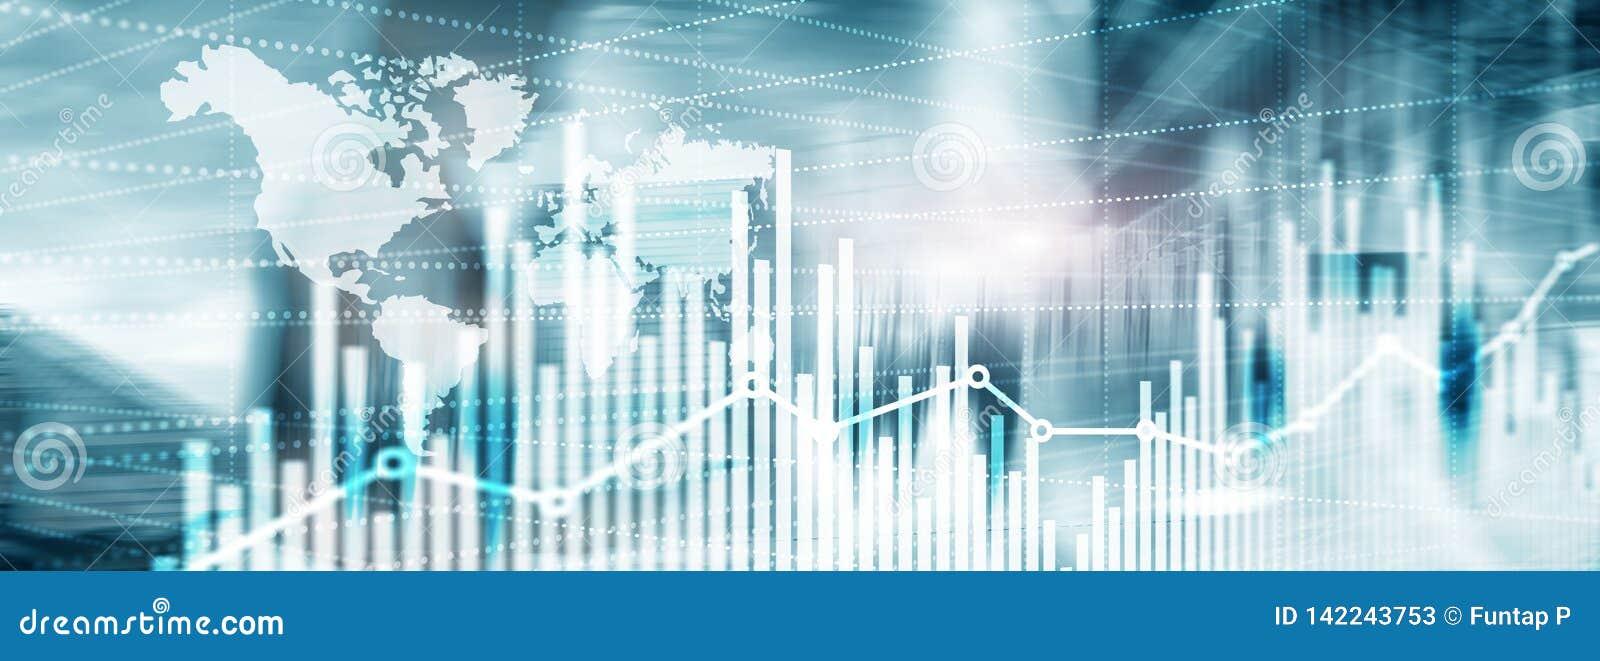 Abstrakt bakgrundsuniversal Websitetitelradtapet silhouettes för affärsfolk Ekonomisk tillväxtgrafdiagram